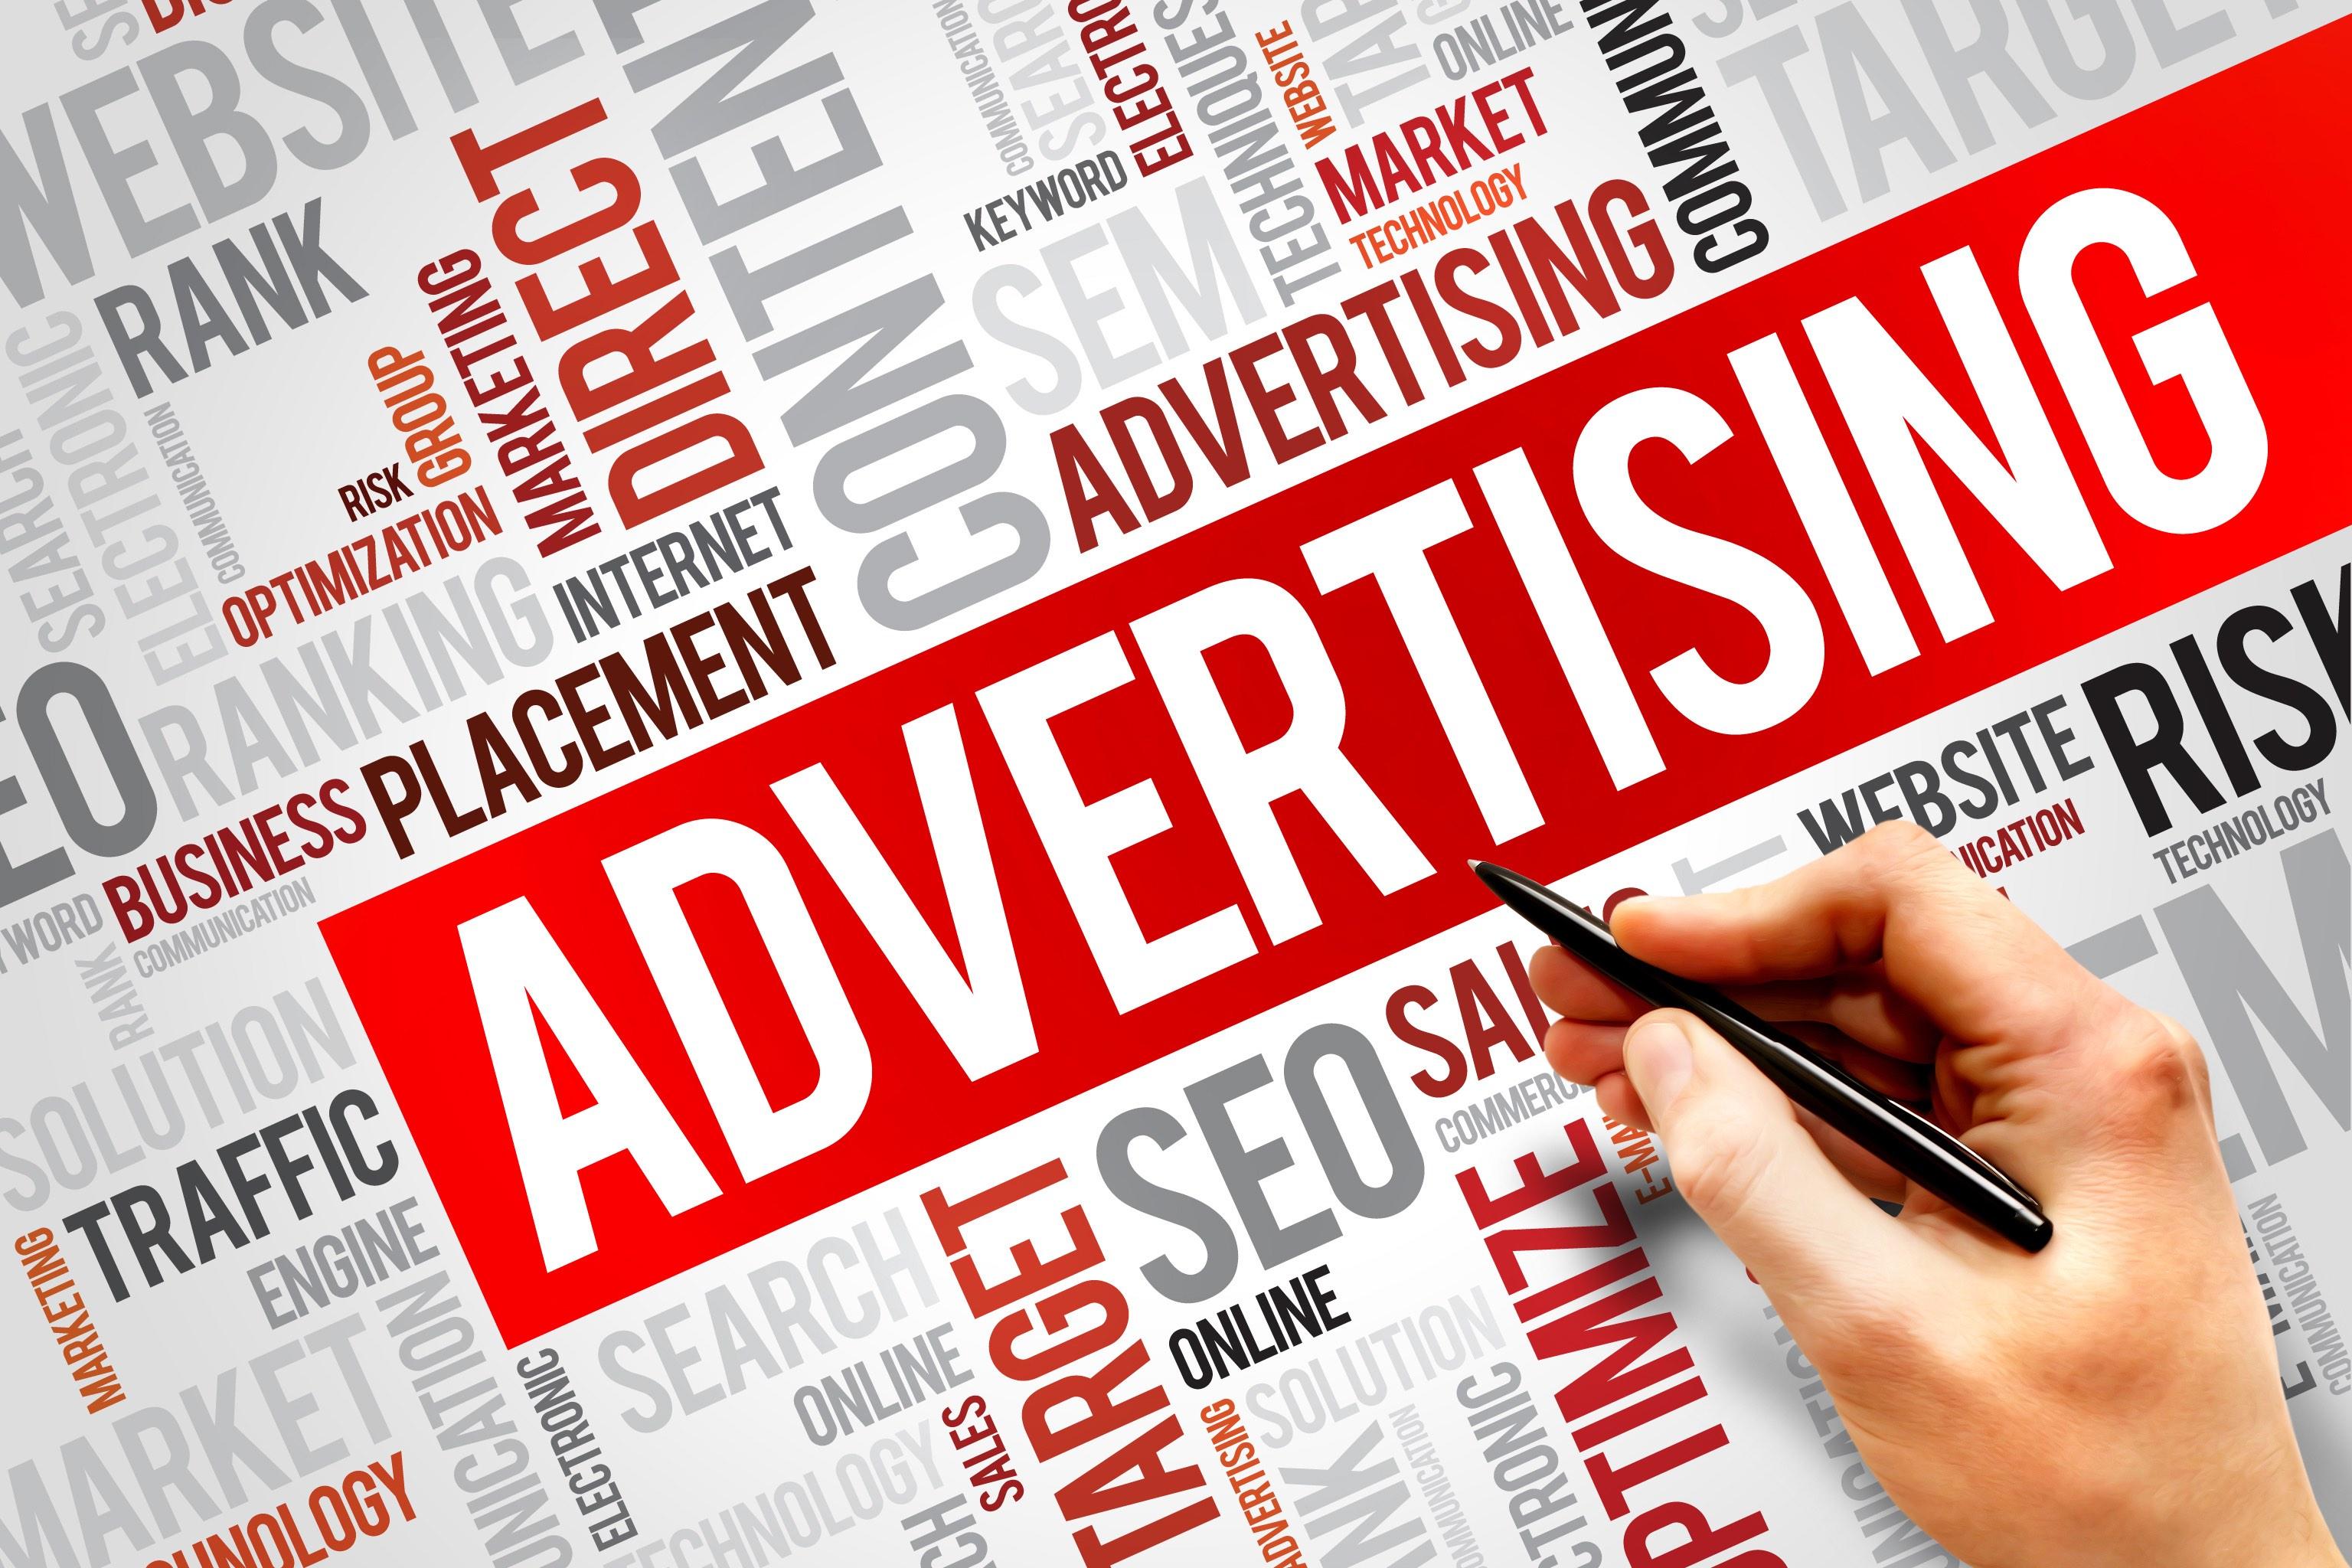 image vs word in advertising